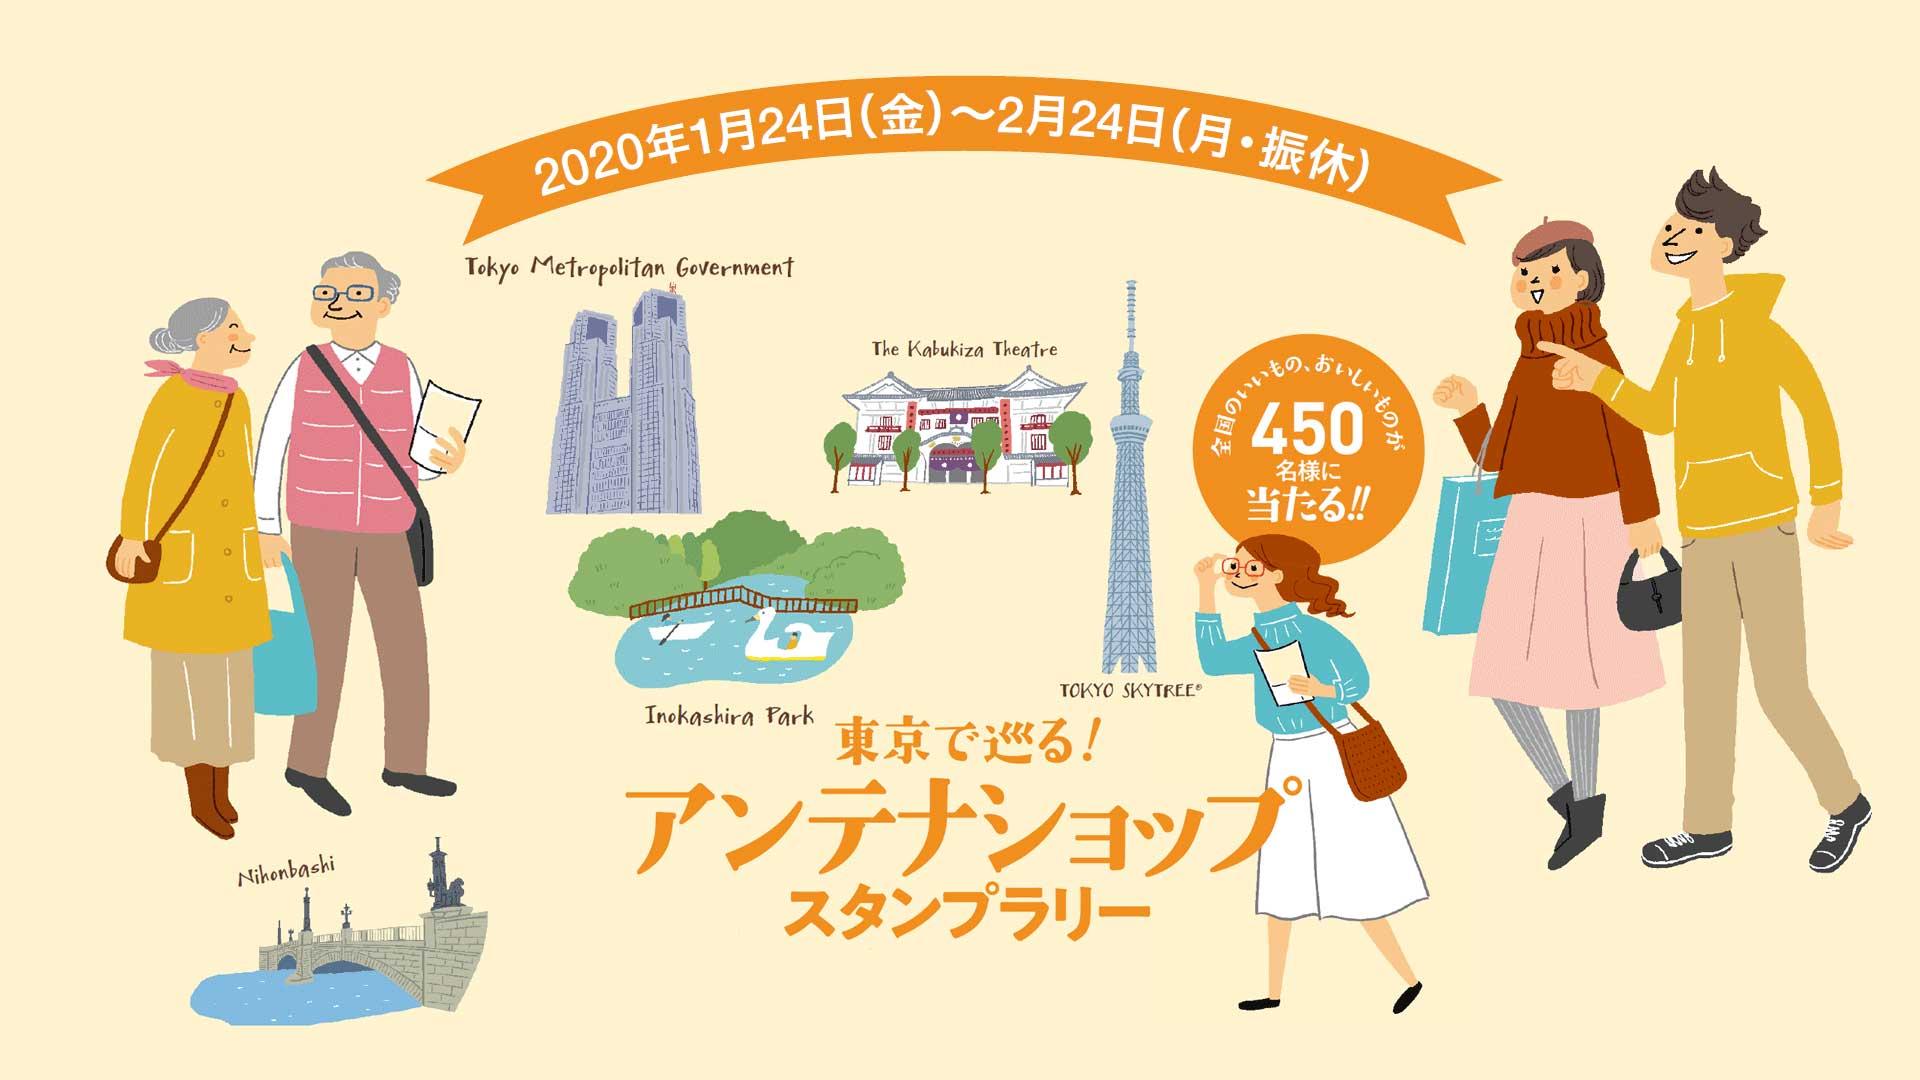 ~東京で各地の魅力に出会う~東京で巡る!アンテナショップスタンプラリーを開催します!